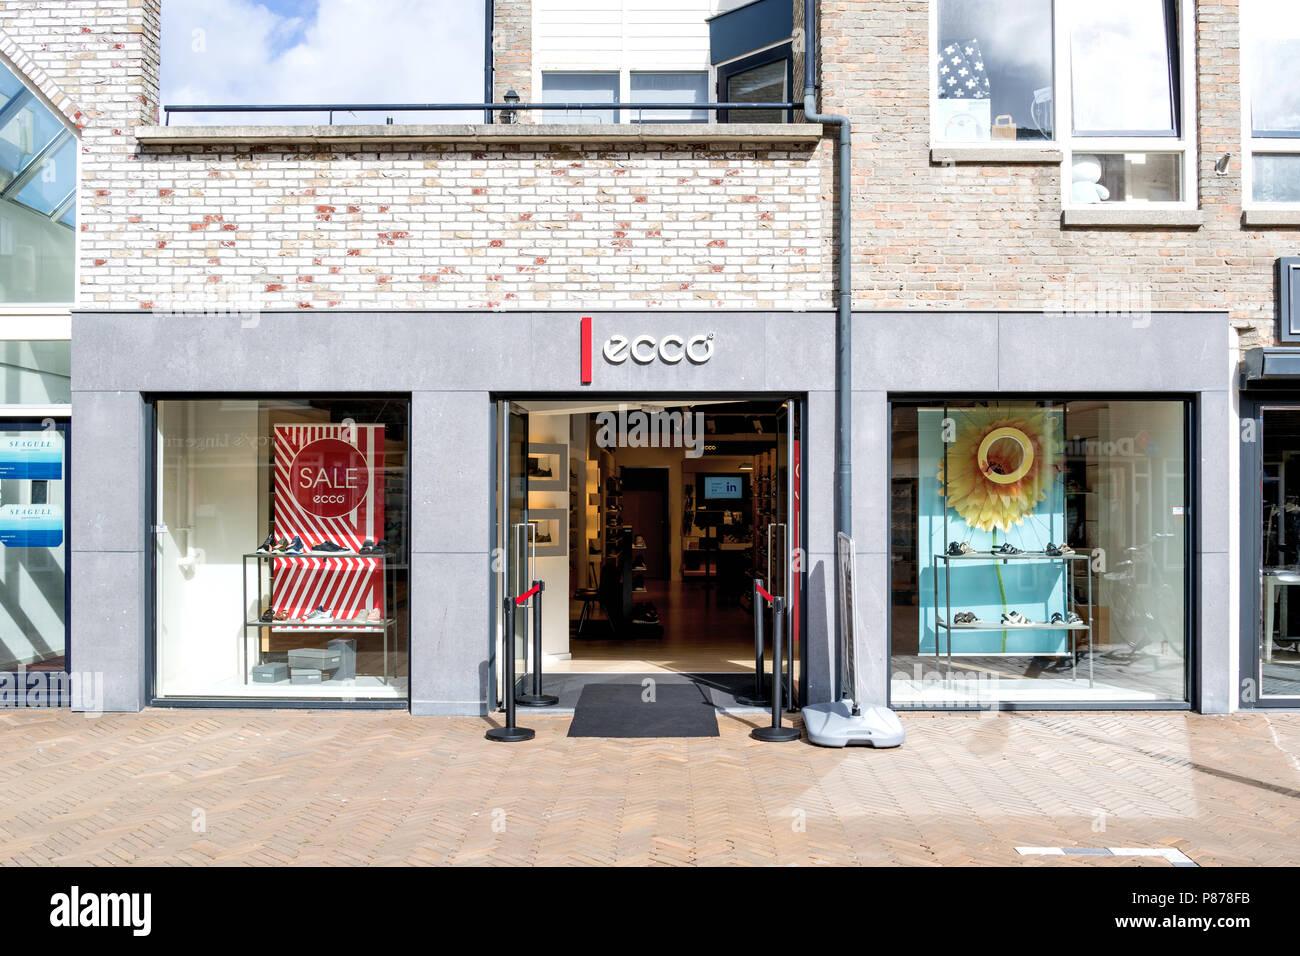 branch in Katwijk aan Zee, NL. ECCO Sko